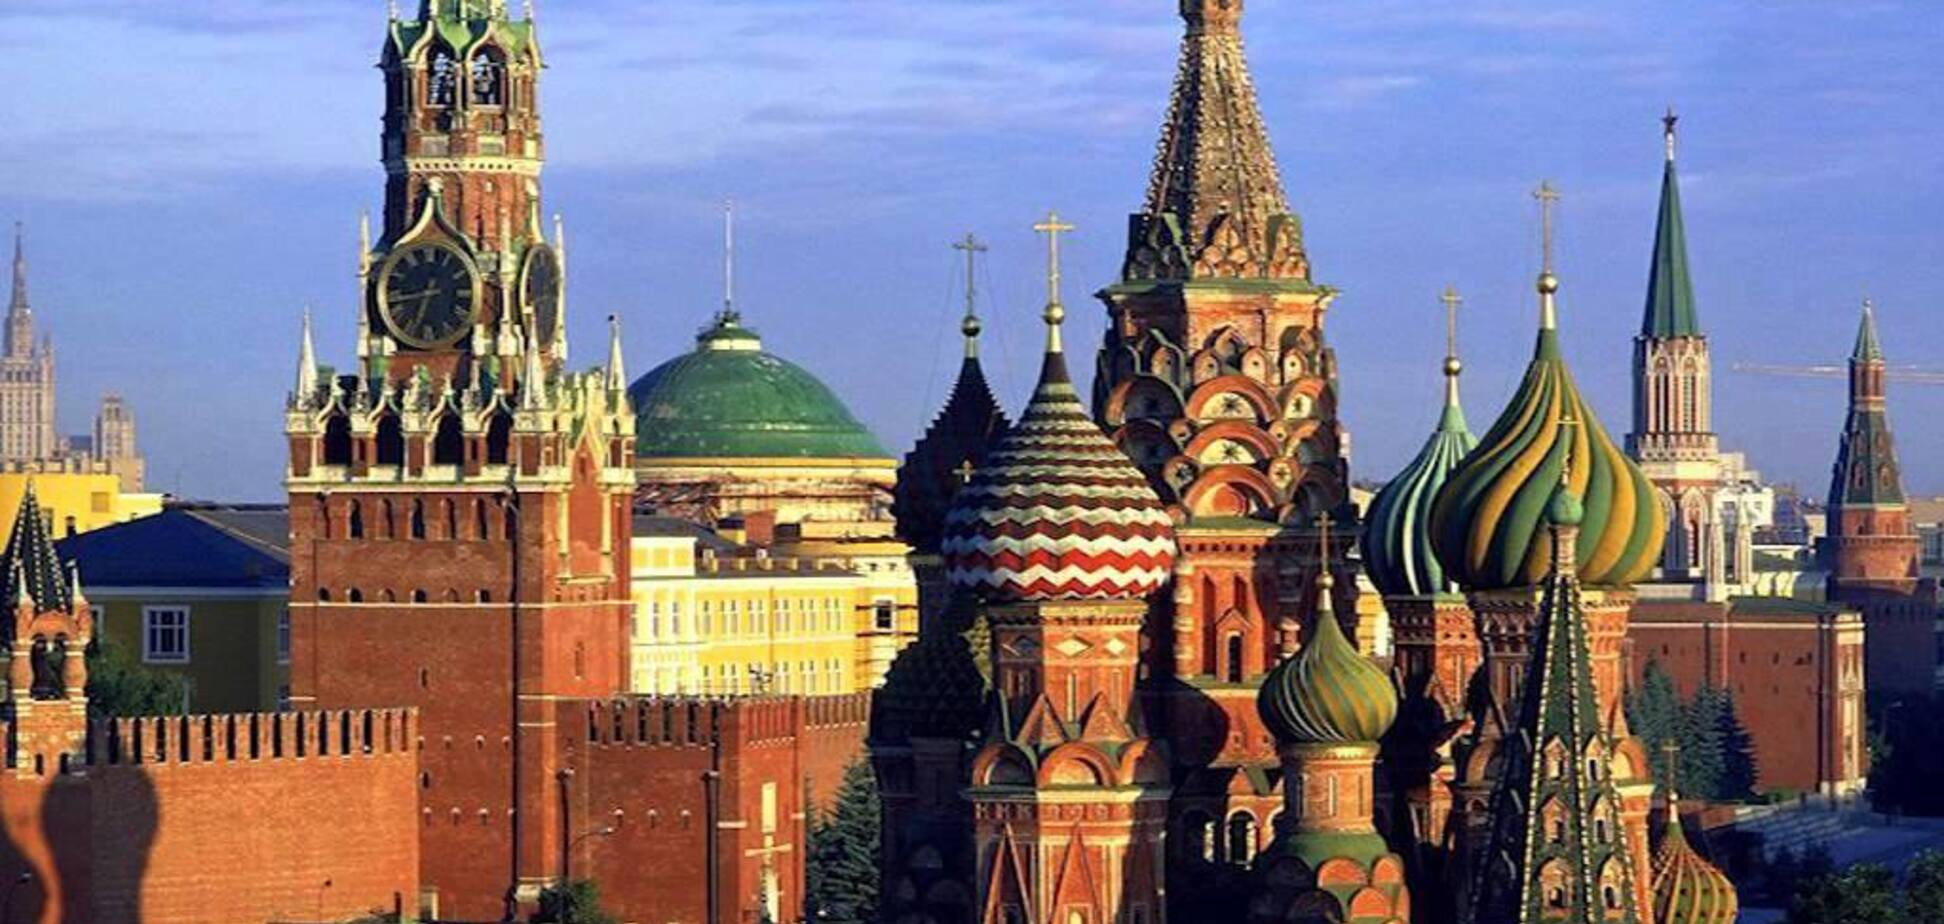 Кремль против Европы: новые площадки 'гибридной войны'